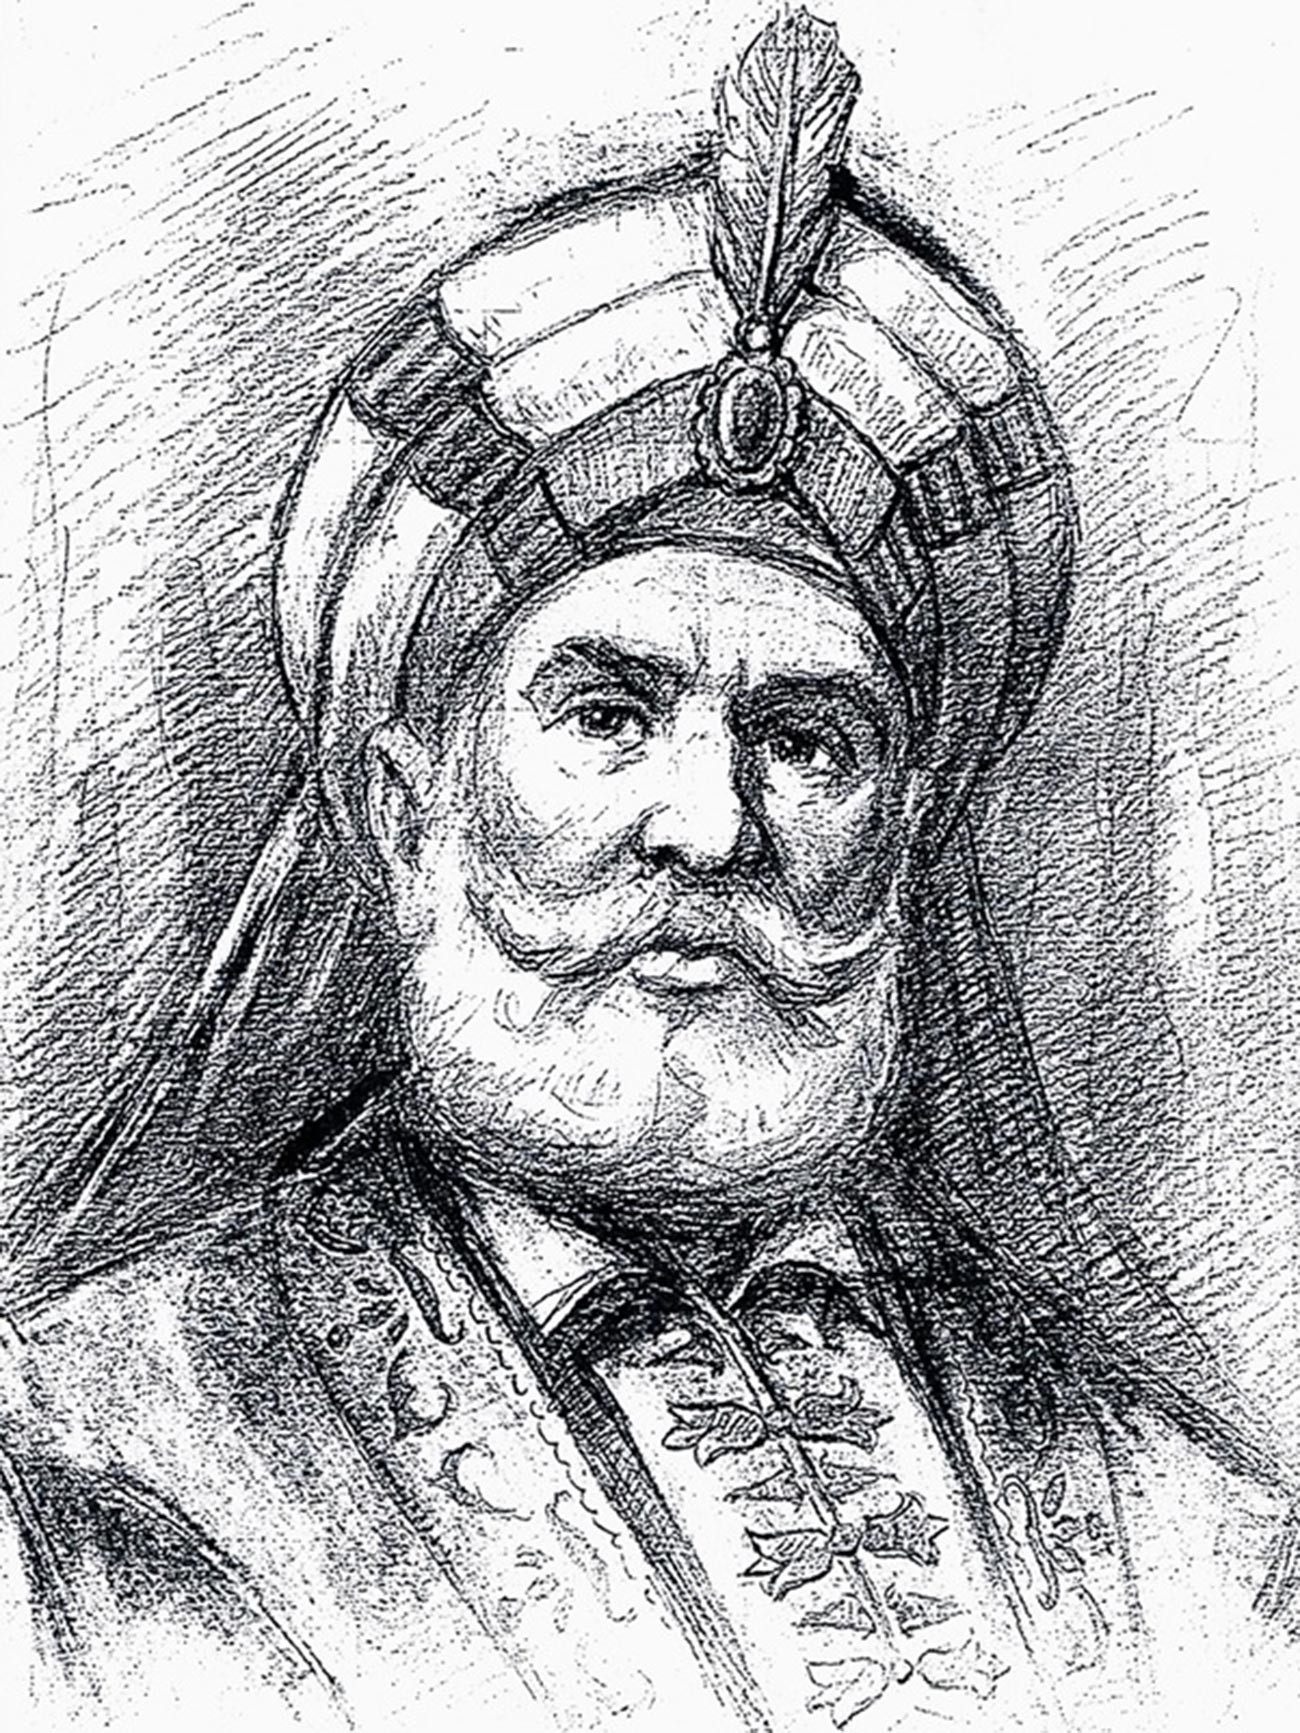 Der palästinensische Scheich Zahir al-Umar al-Zaydani